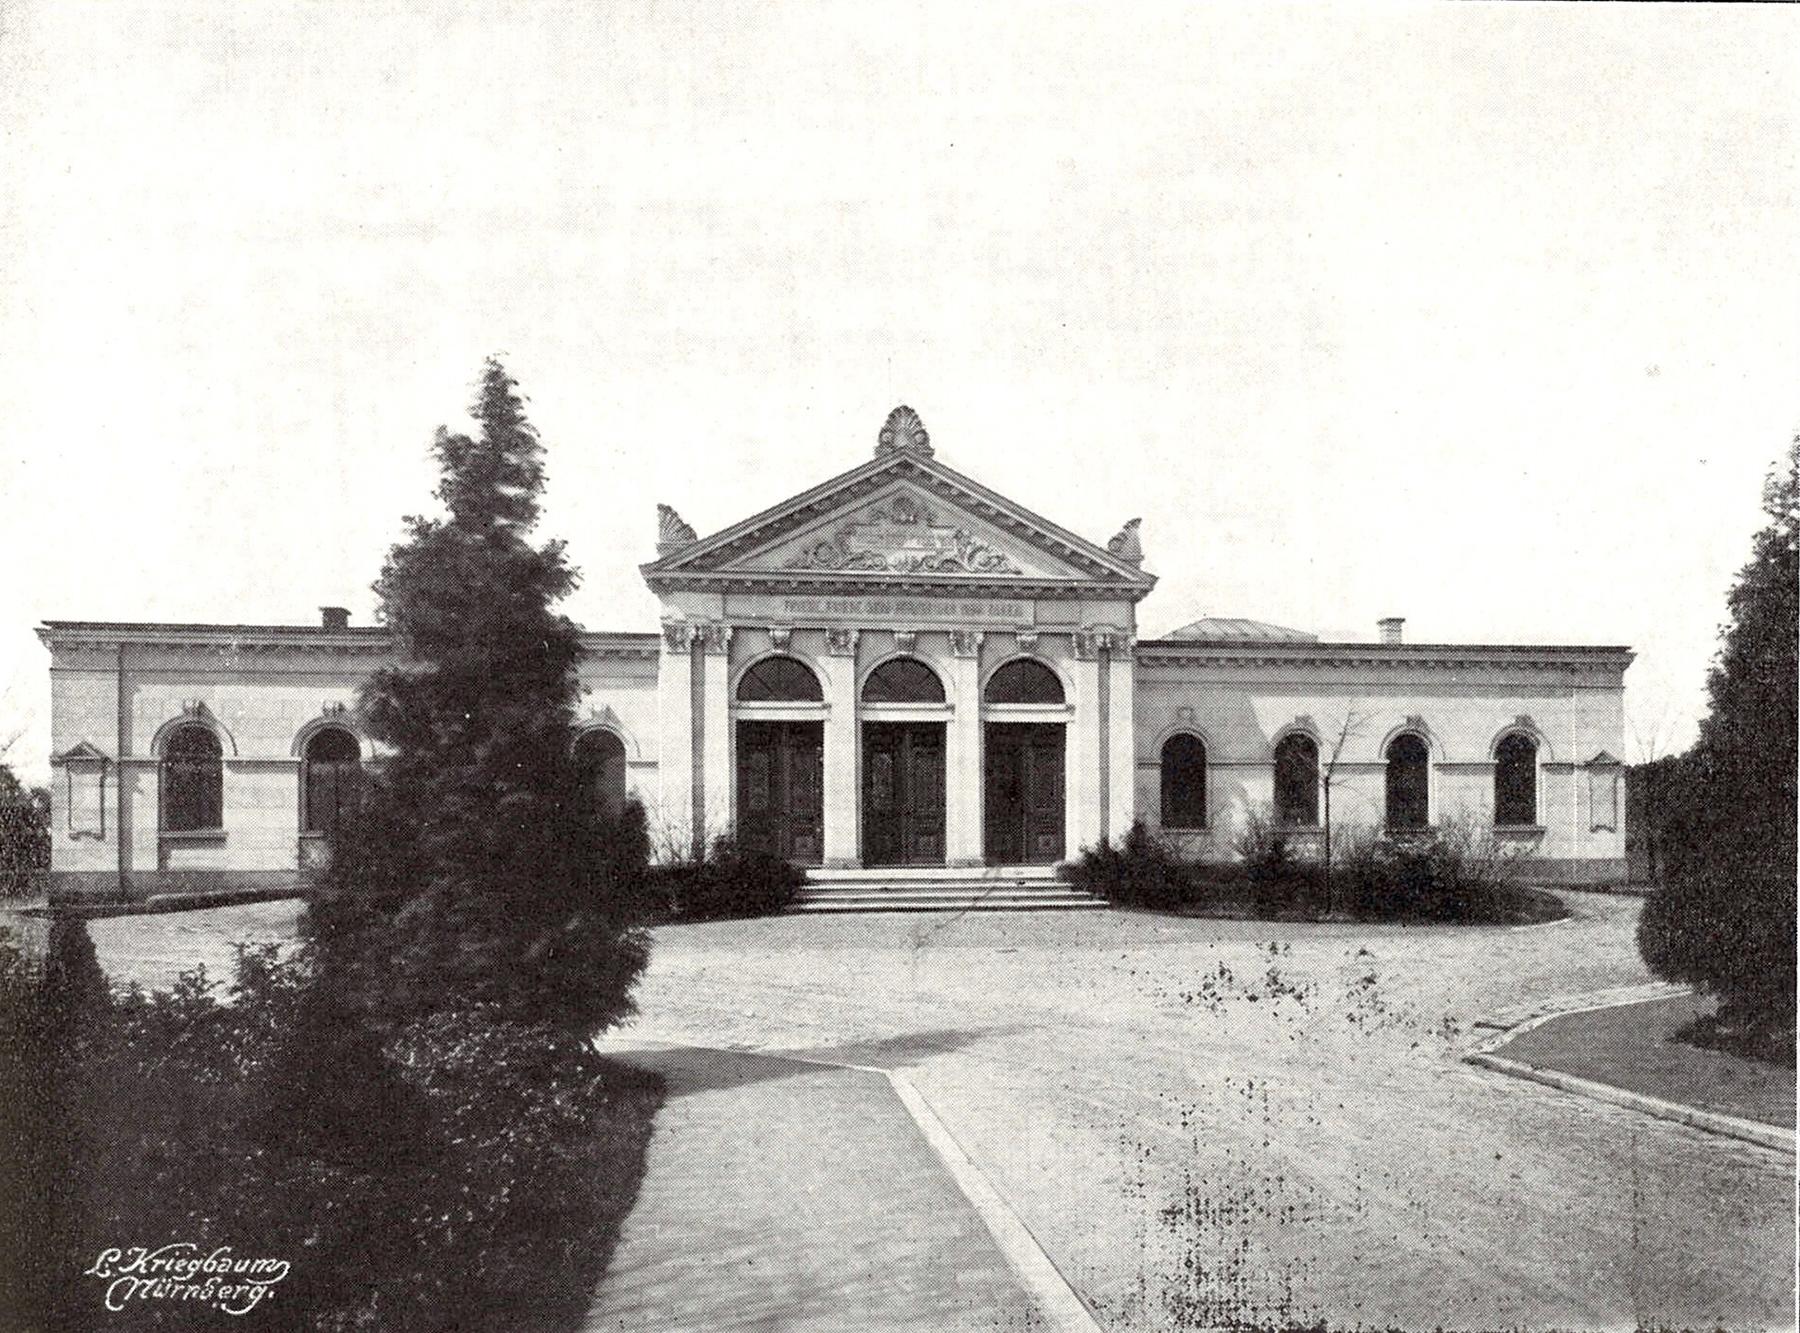 Aussegnungshalle auf dem neuen israelitischen Friedhof in Fürth, ca. 1907